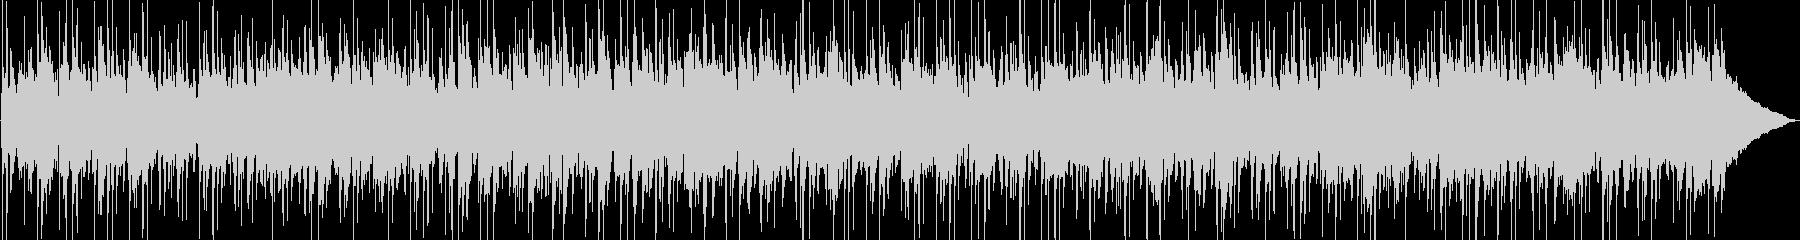 アコースティックなカントリーロックBGMの未再生の波形